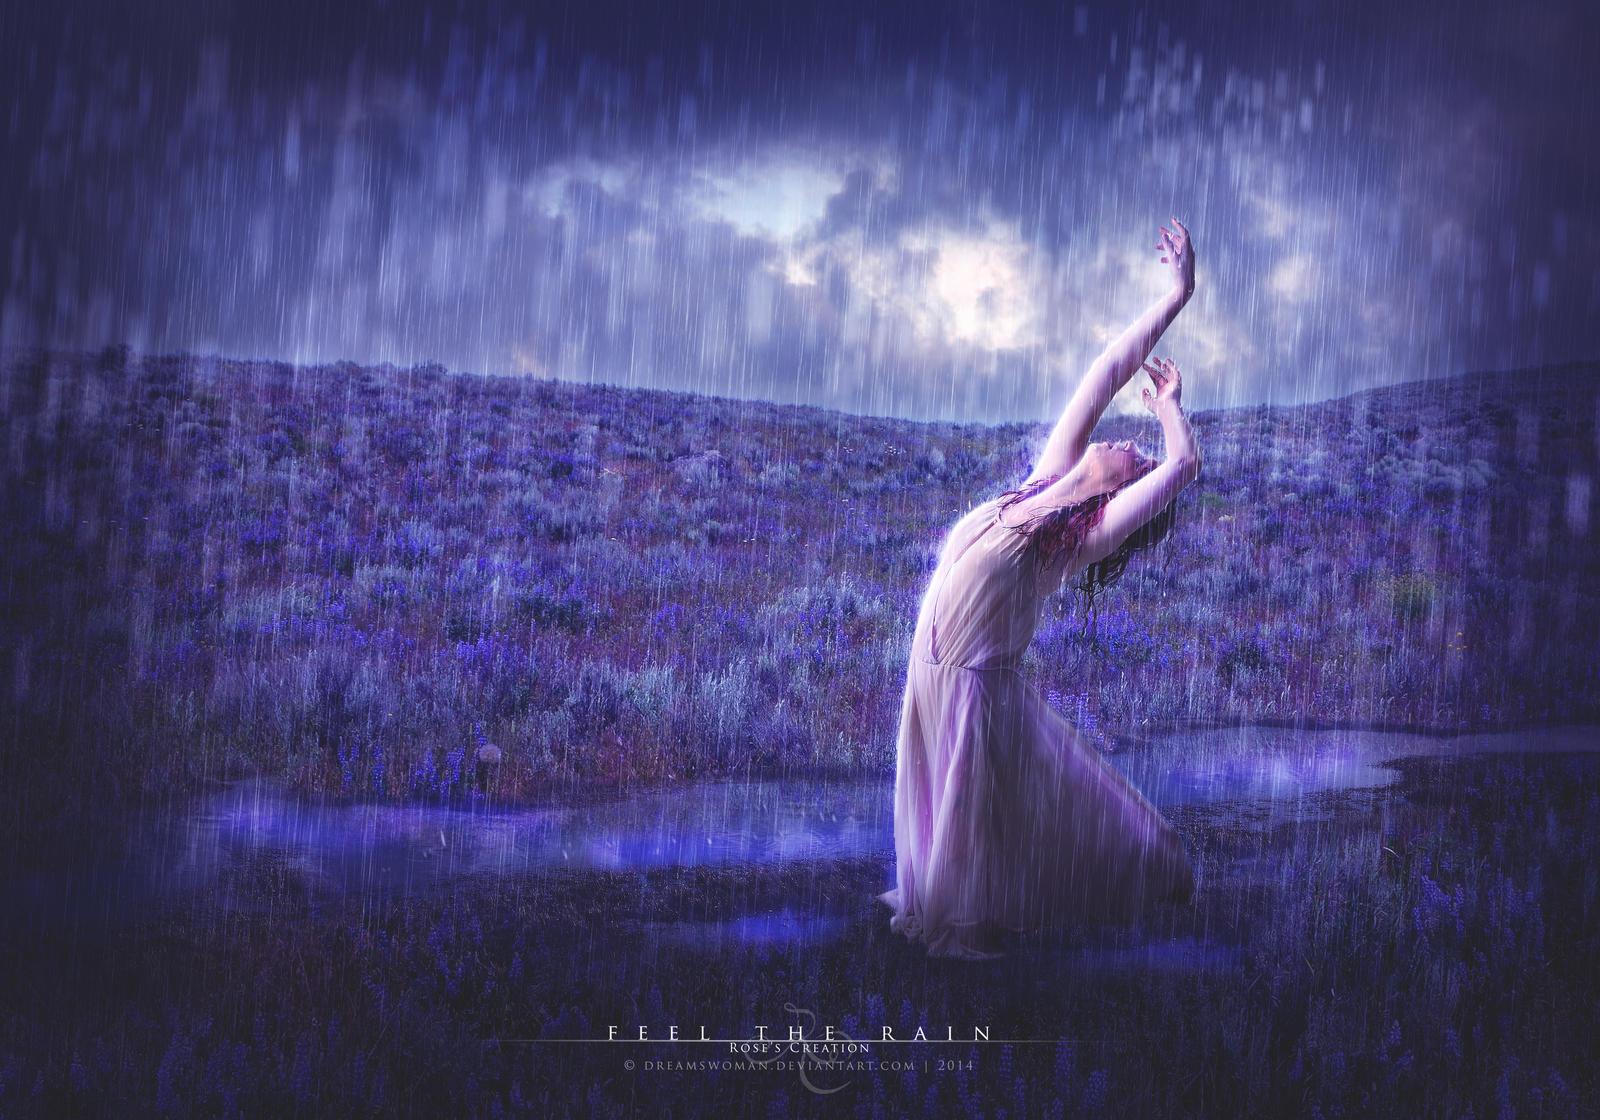 Feel the Rain by dreamswoman